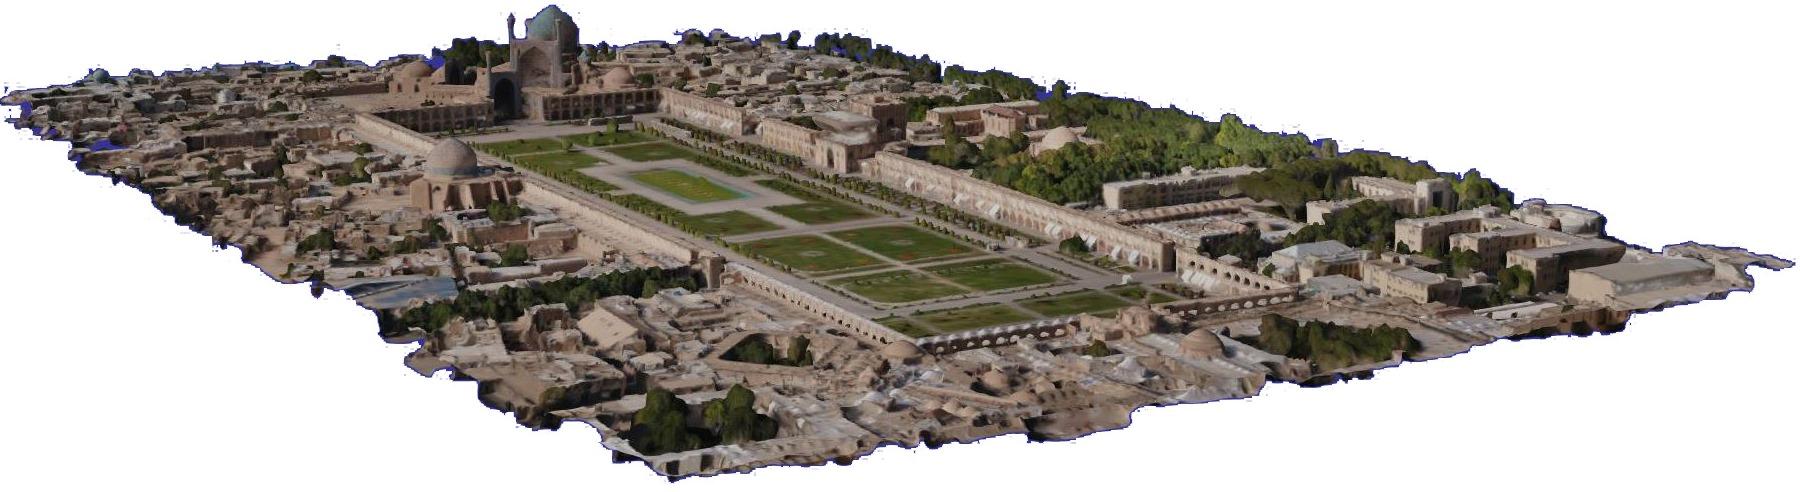 مدل سازی سه بعدی - اصفهان 1